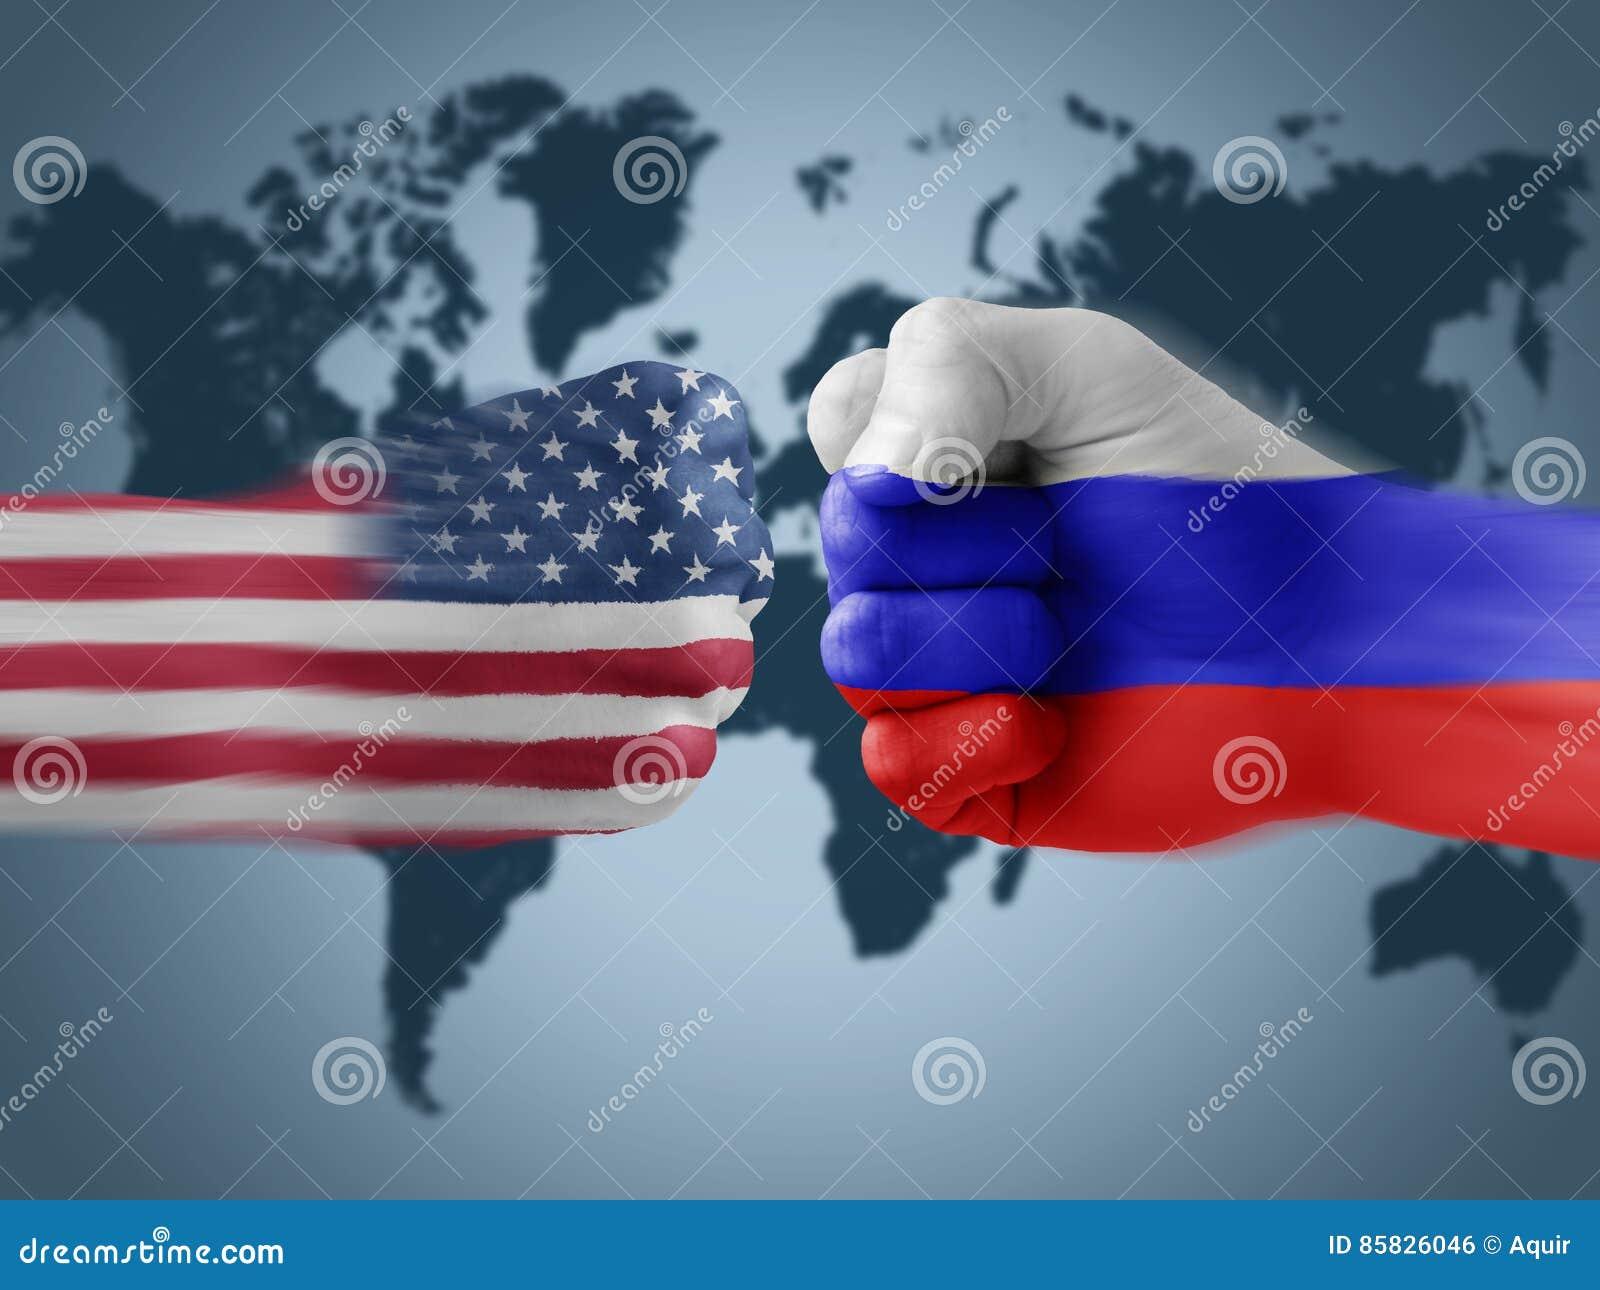 EUA x Rússia